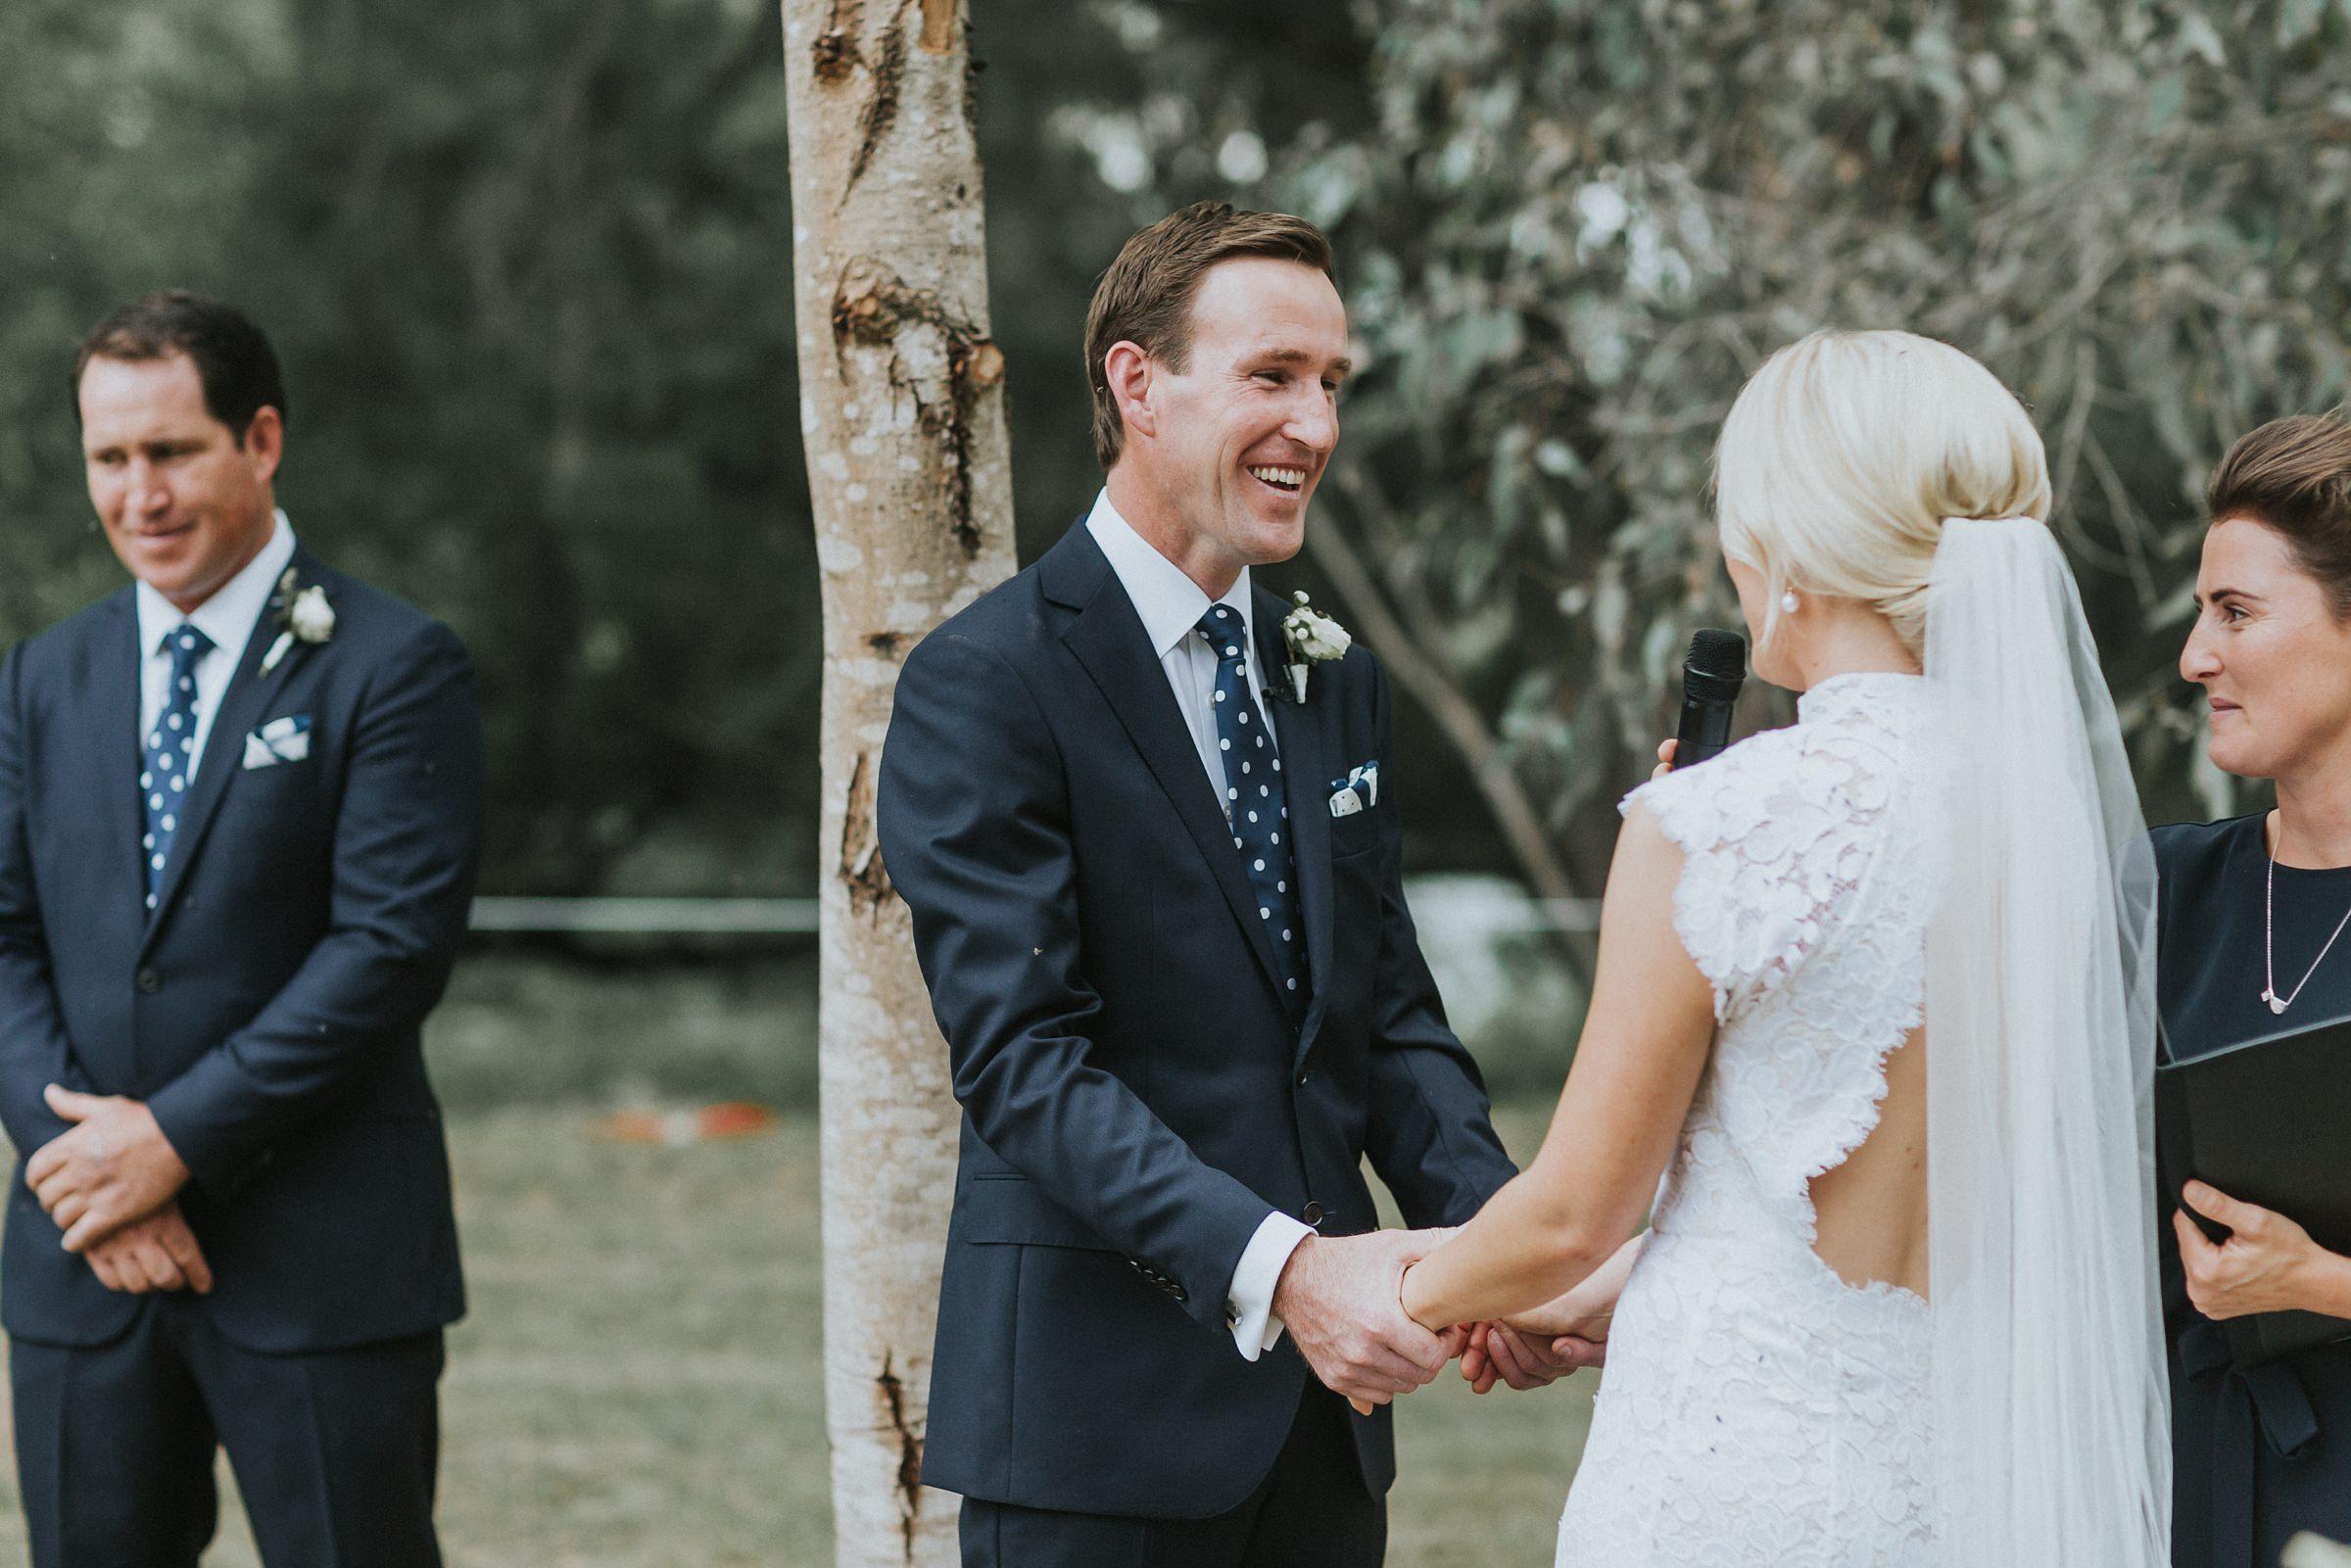 authentic emotion captured at nimbo fork lodge wedding